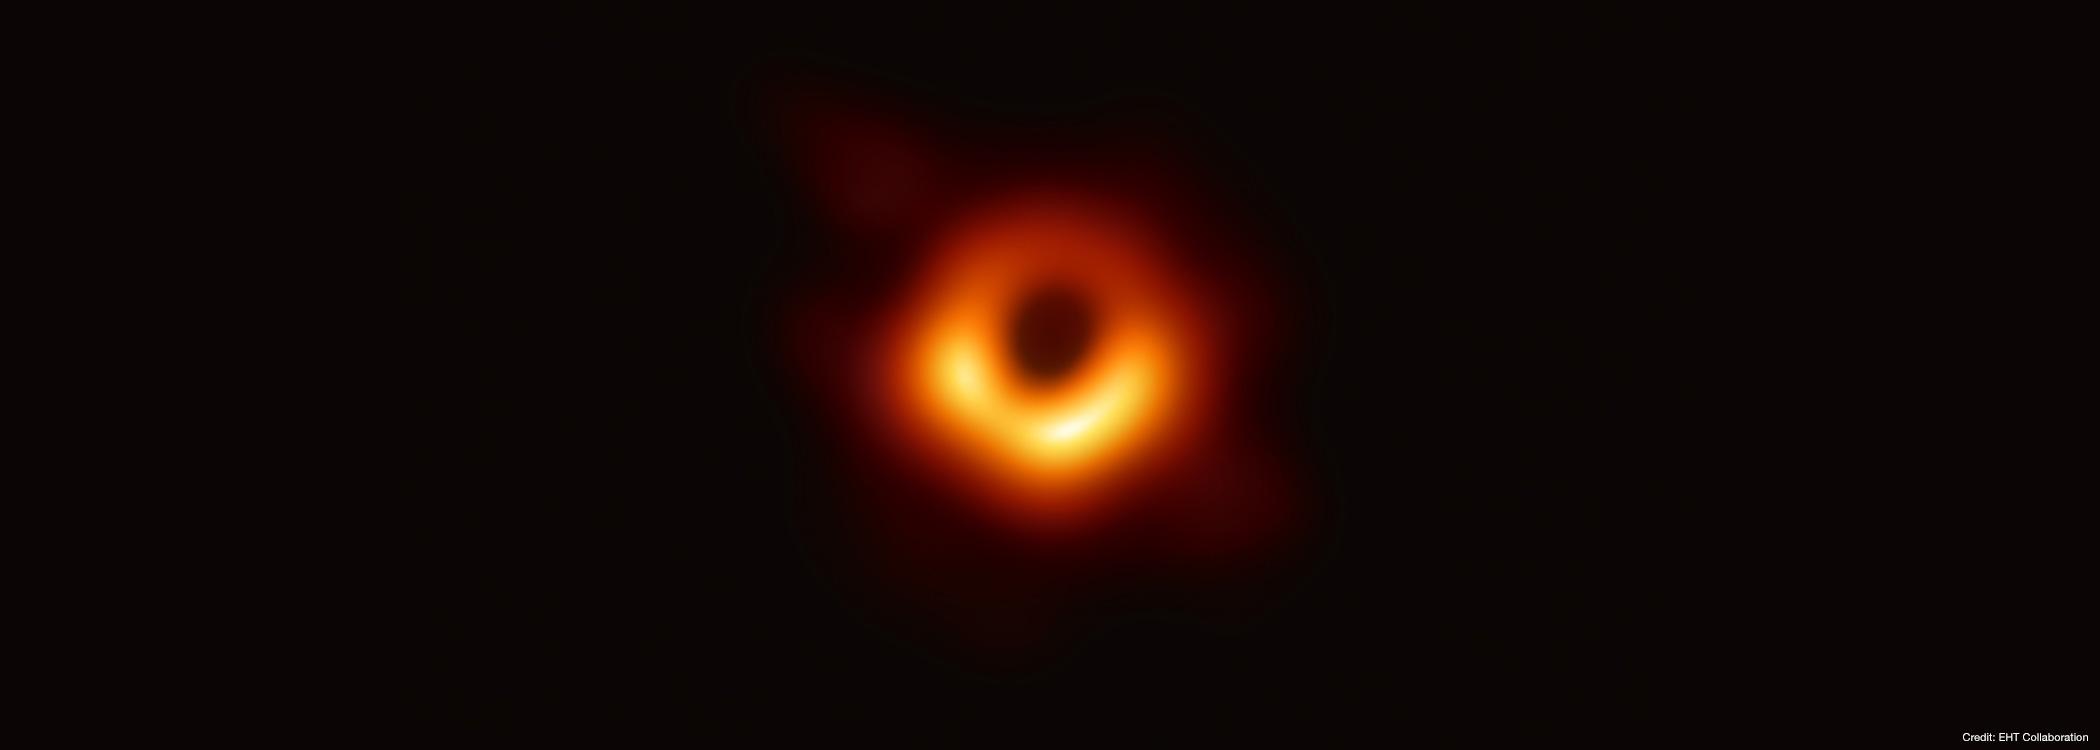 NAOJ: National Astronomical Observatory of Japan - English